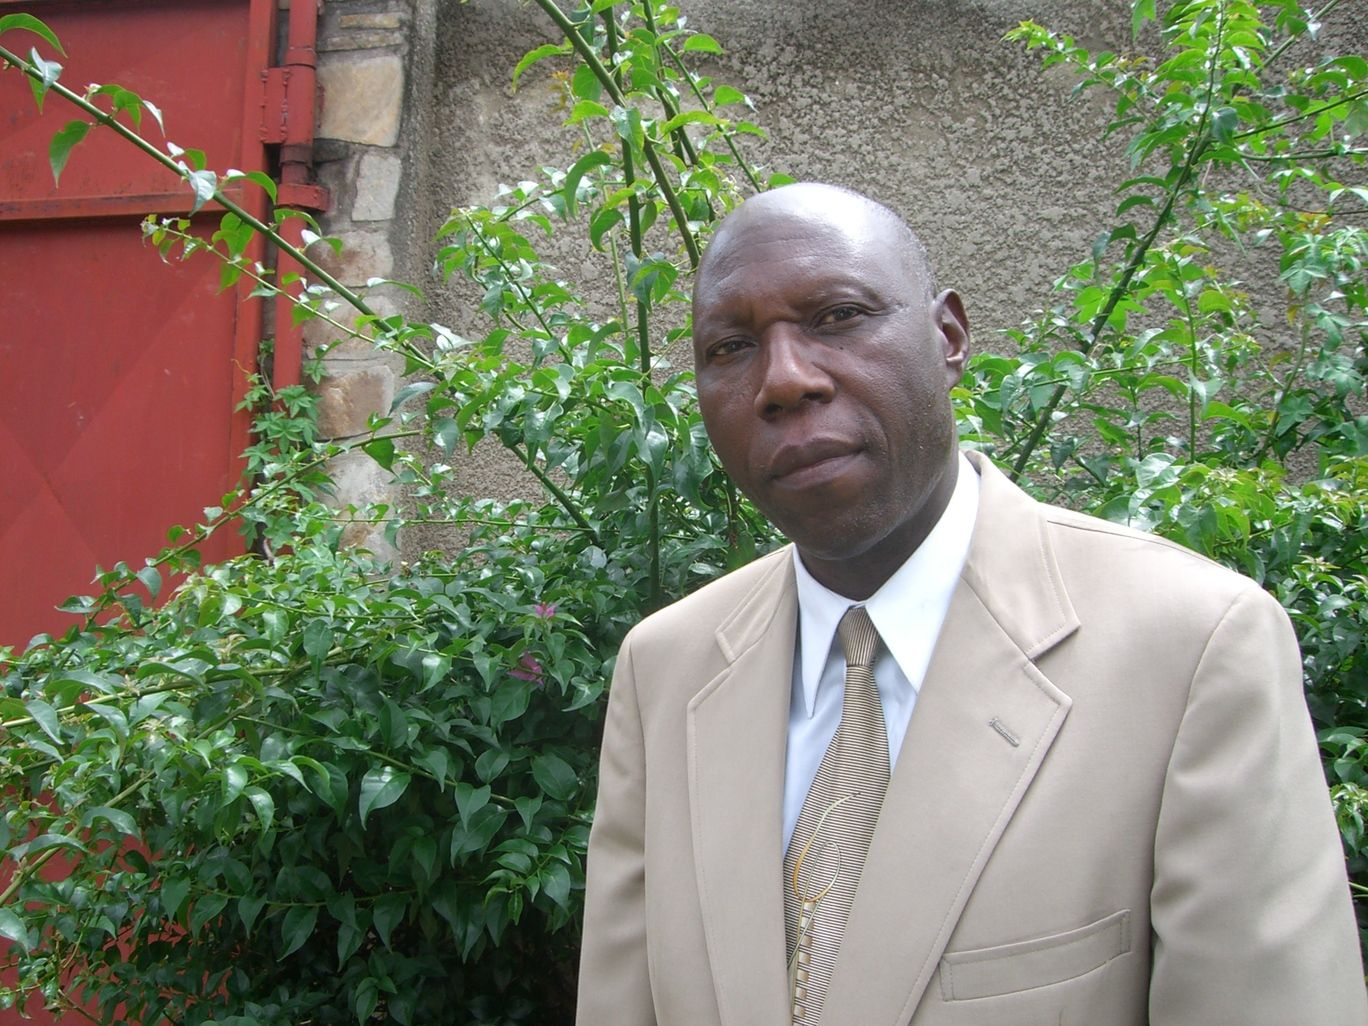 Prosper Ndabishuriye